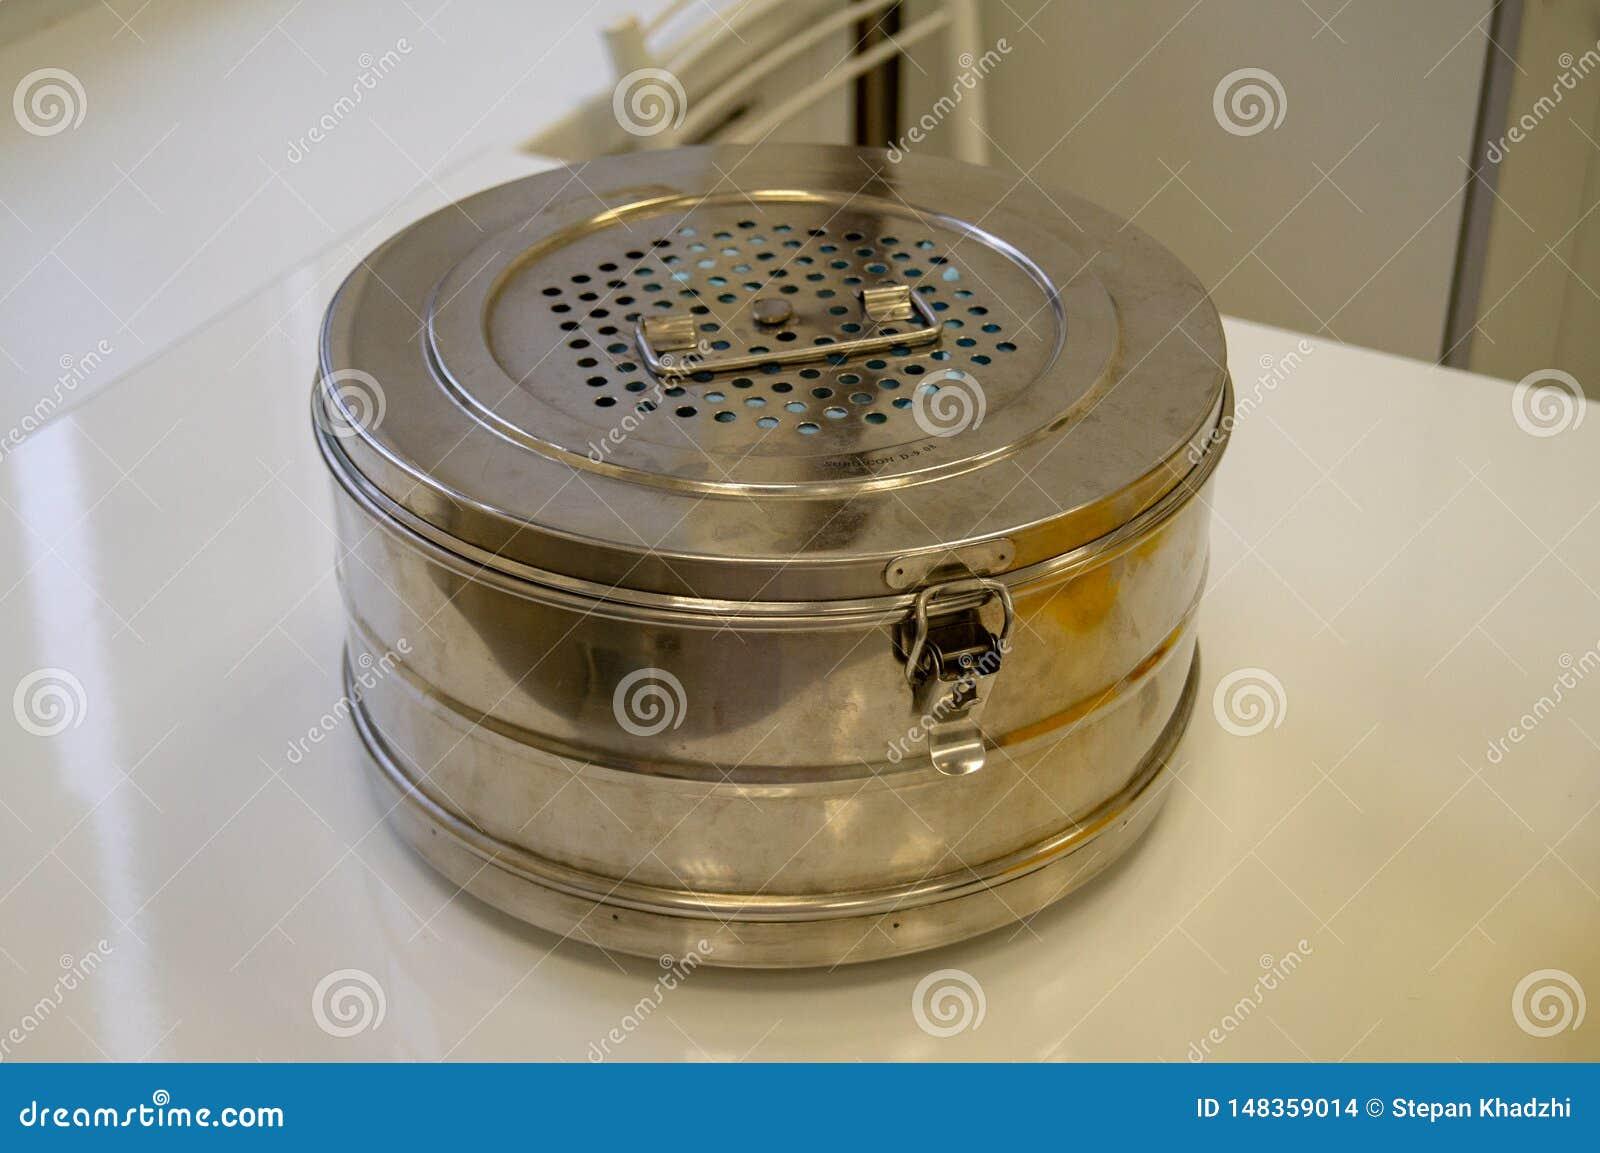 Sterilisatiecontainer - metaaldoos voor sterilisatie van materialen en medische instrumenten in stoomsterilisators